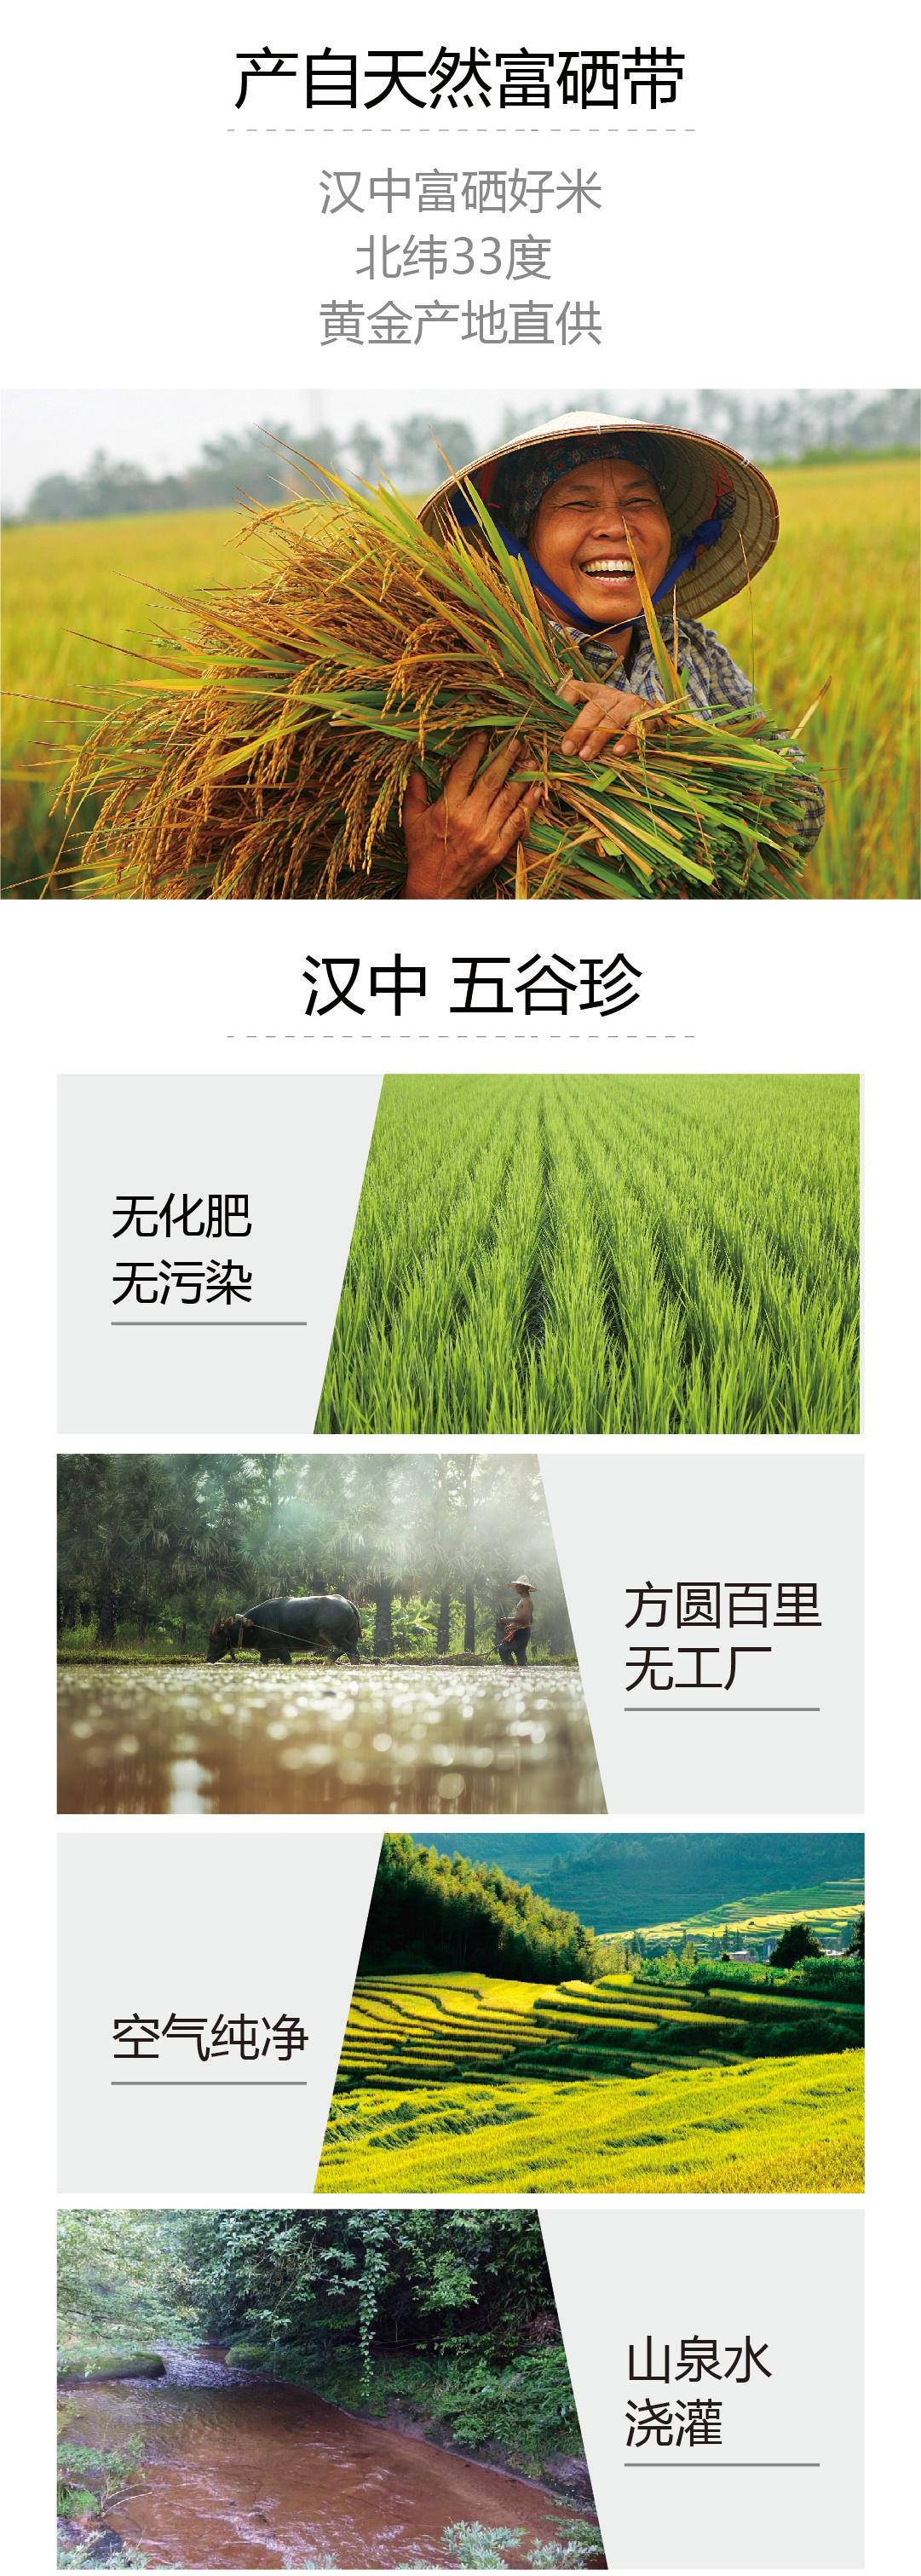 產品詳情頁 02.jpg